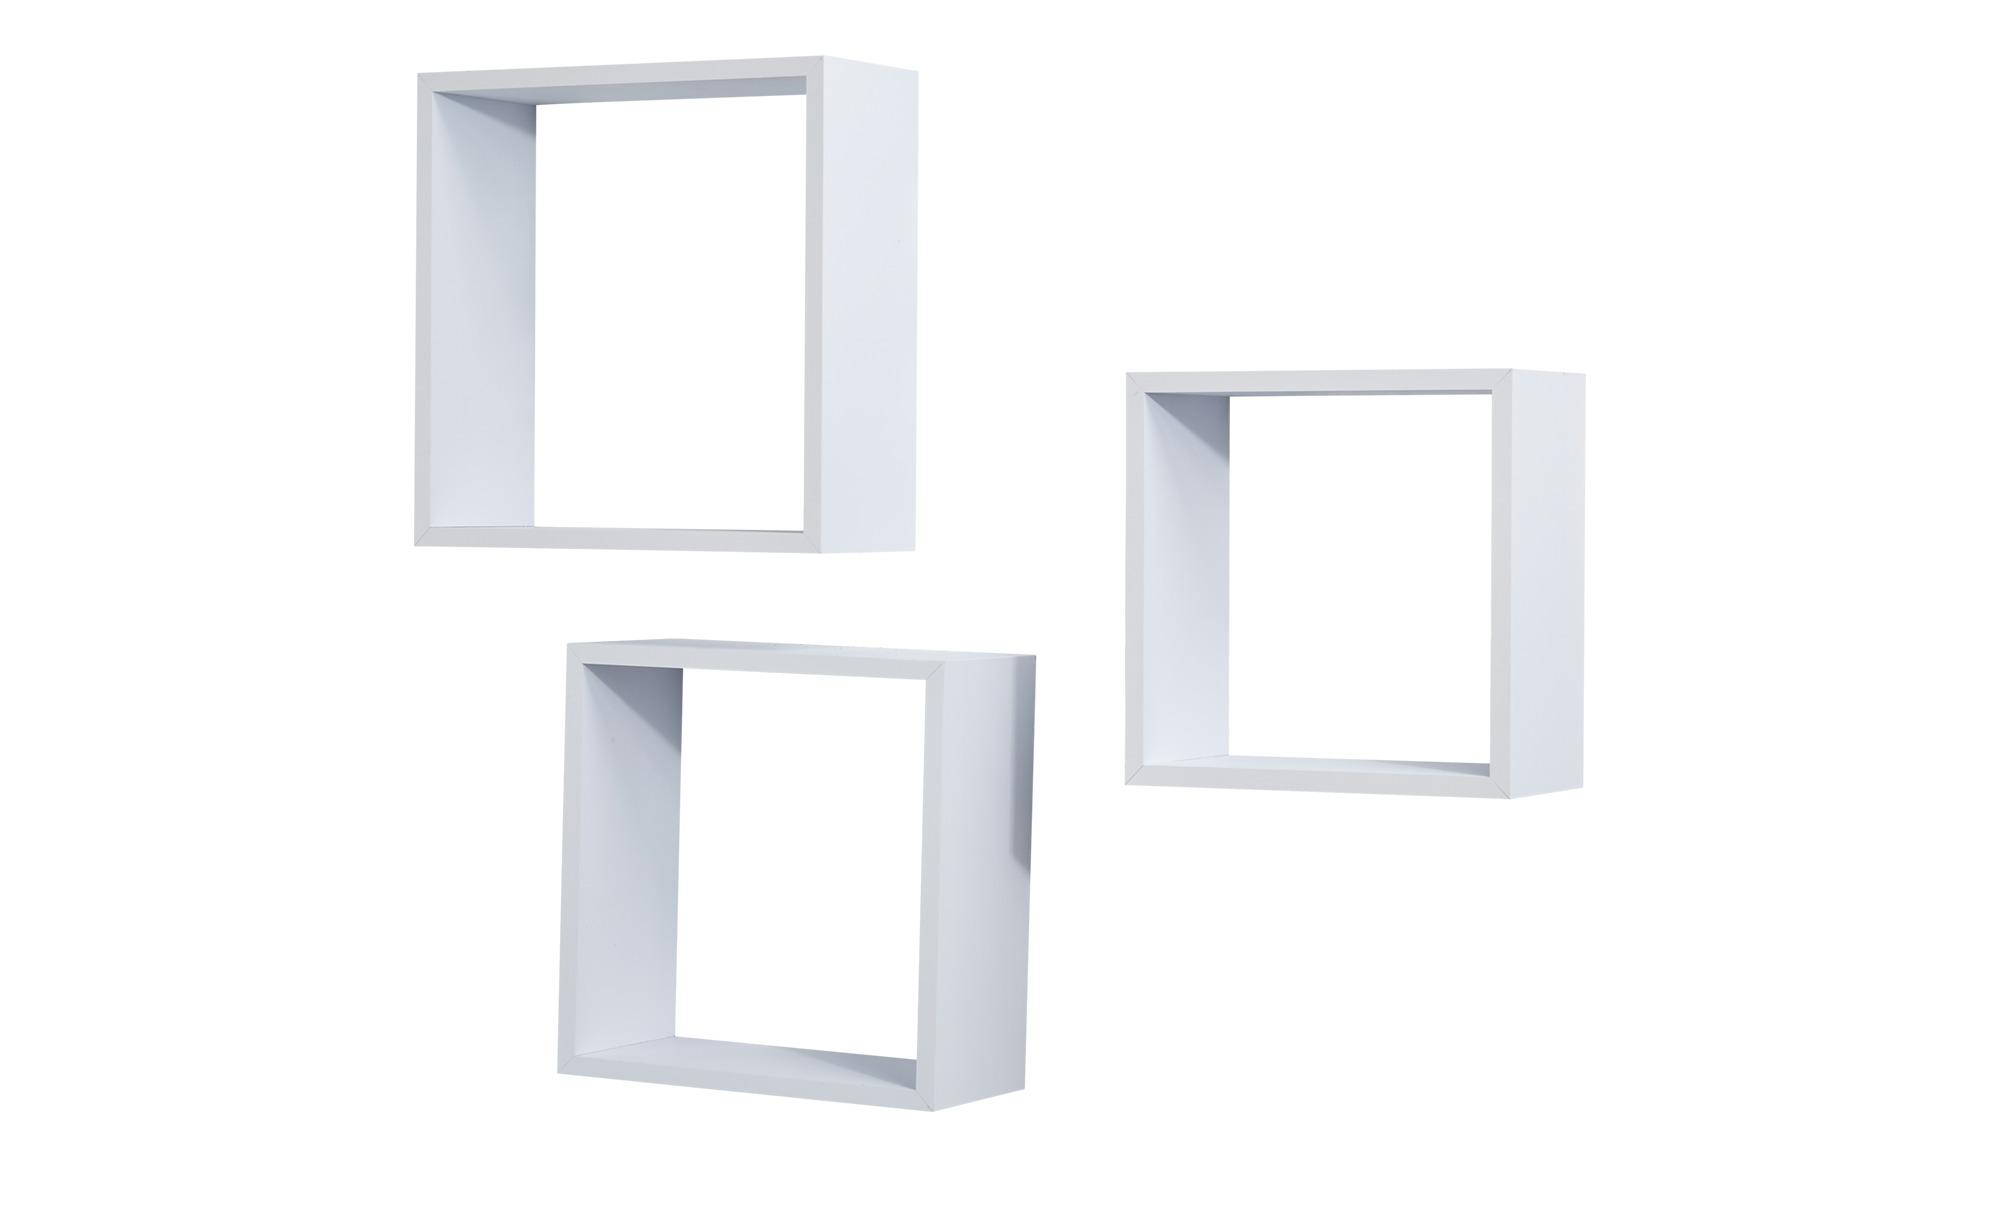 Wandregal 3er Set Weiss Cube Weiss Mobel Hoffner